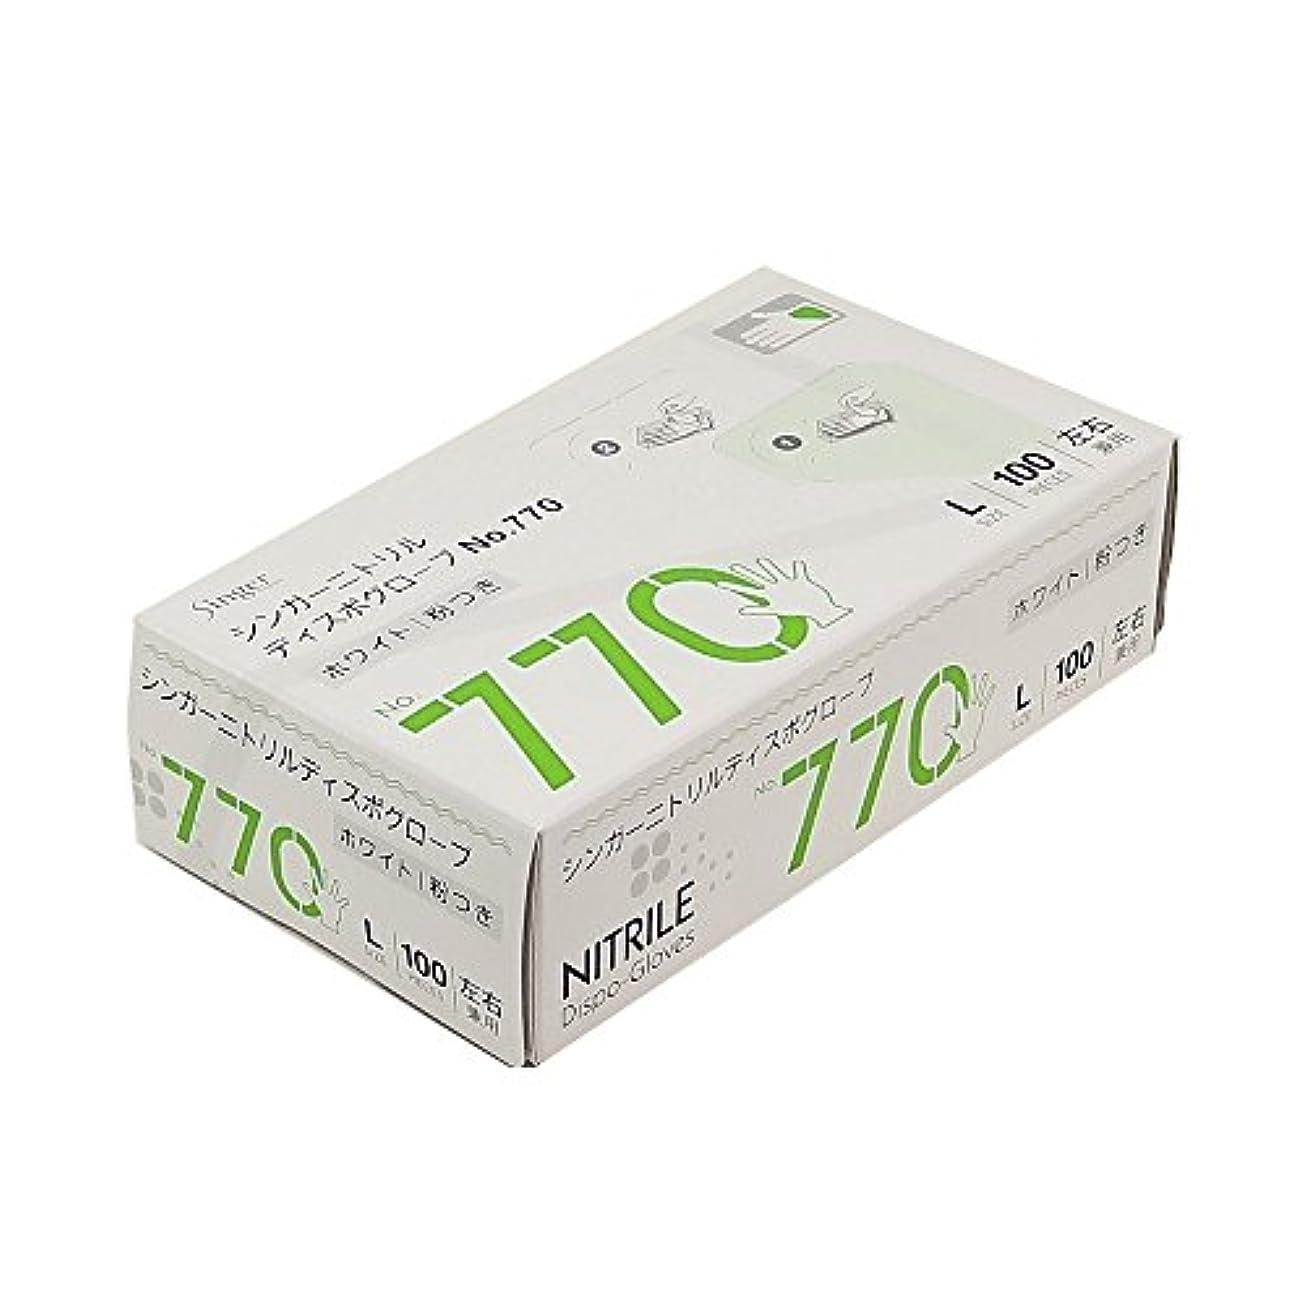 データム時々時々他に宇都宮製作 ディスポ手袋 シンガーニトリルディスポグローブ No.770 ホワイト 粉付 100枚入  L